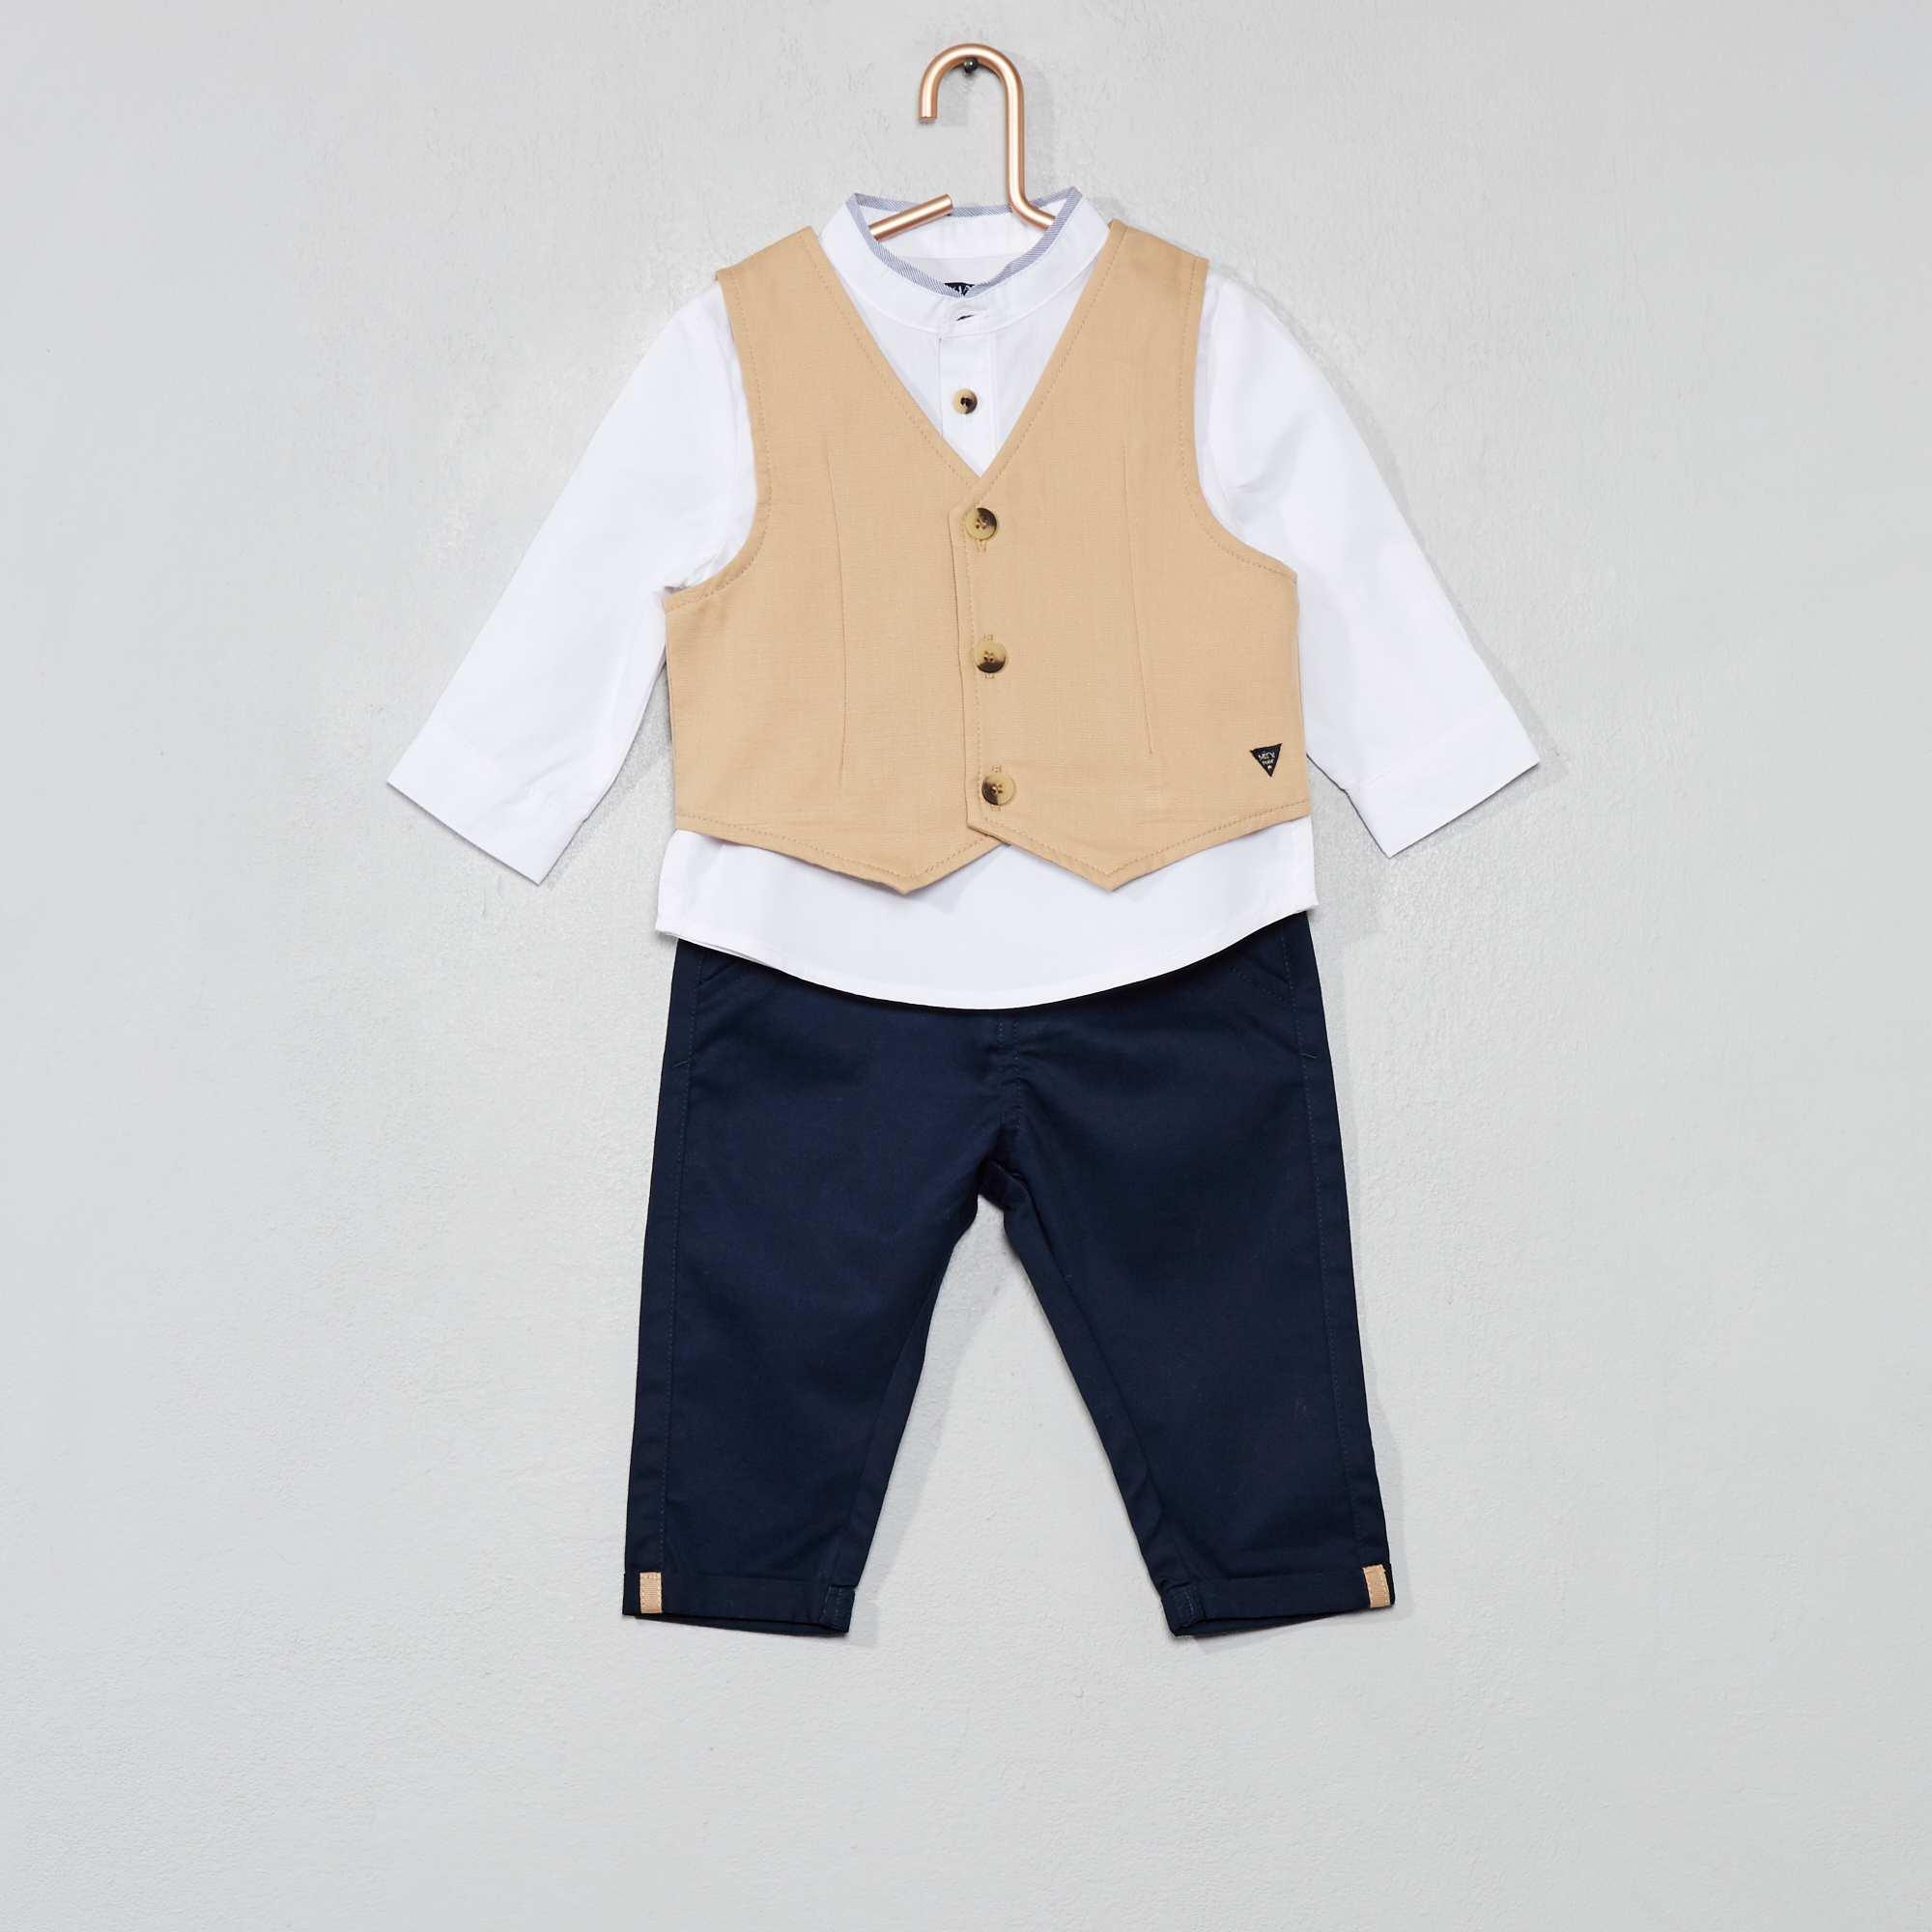 a499f9c44c005 Ensemble gilet + chemise + pantalon Bébé garçon - beige marine ...